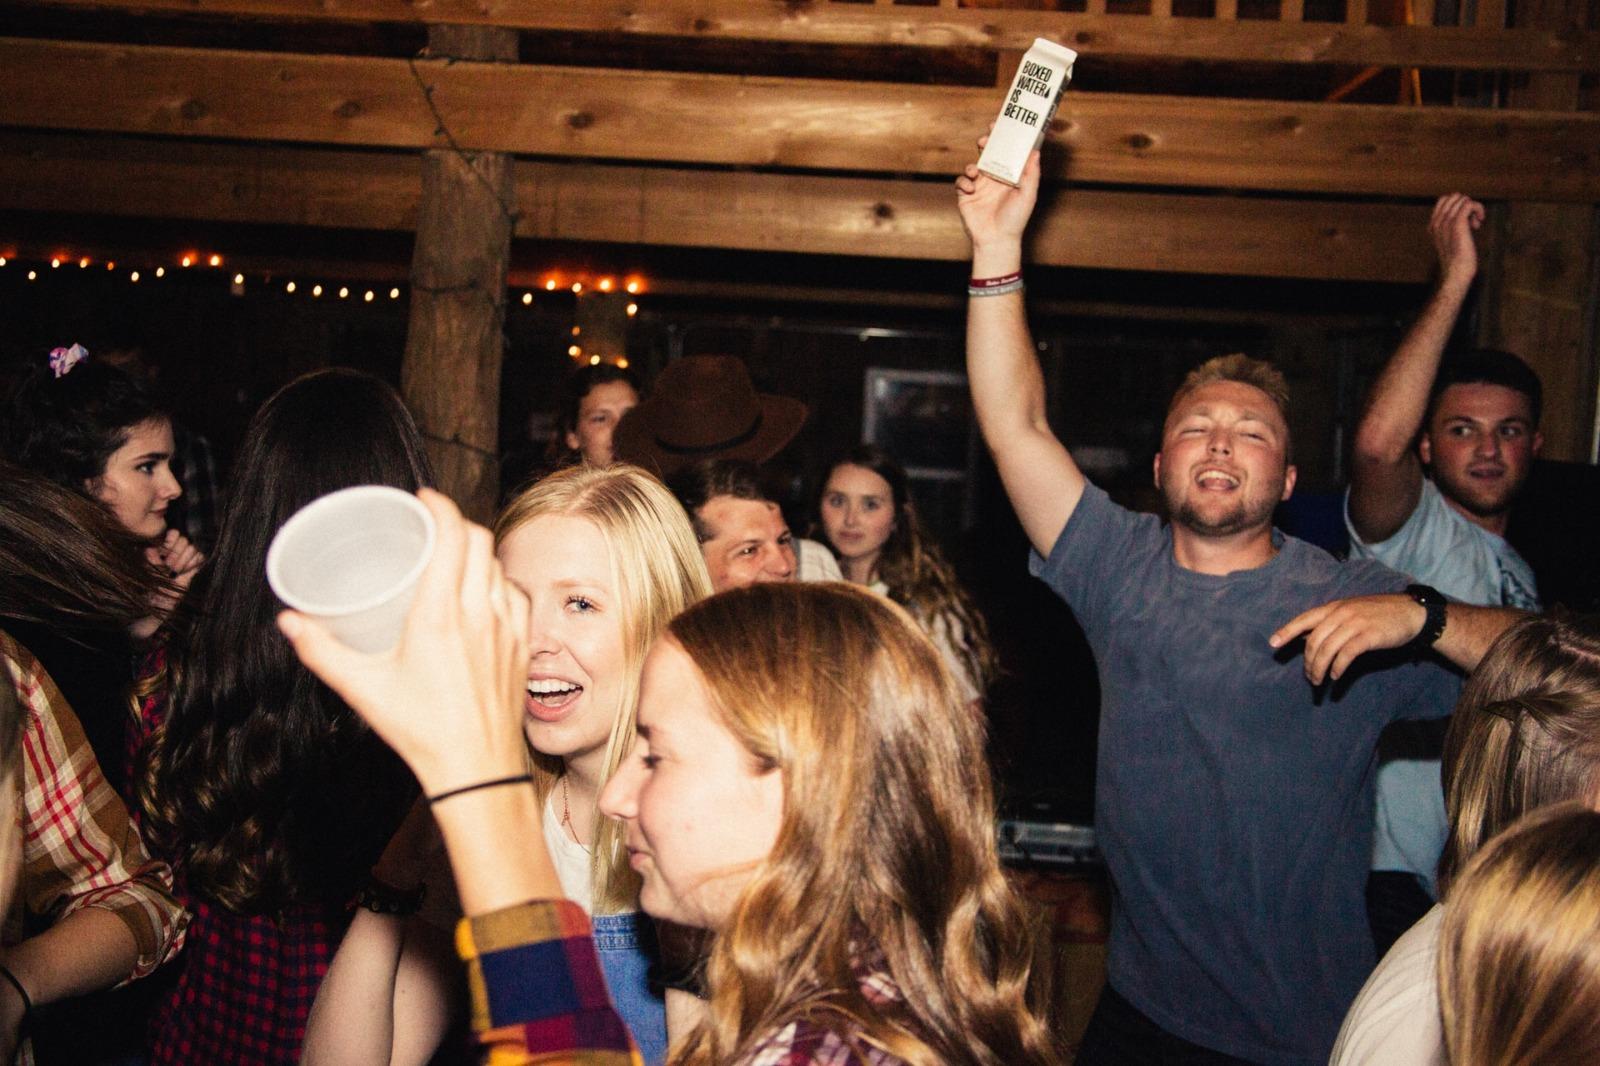 tineri care danseaza si beau in club